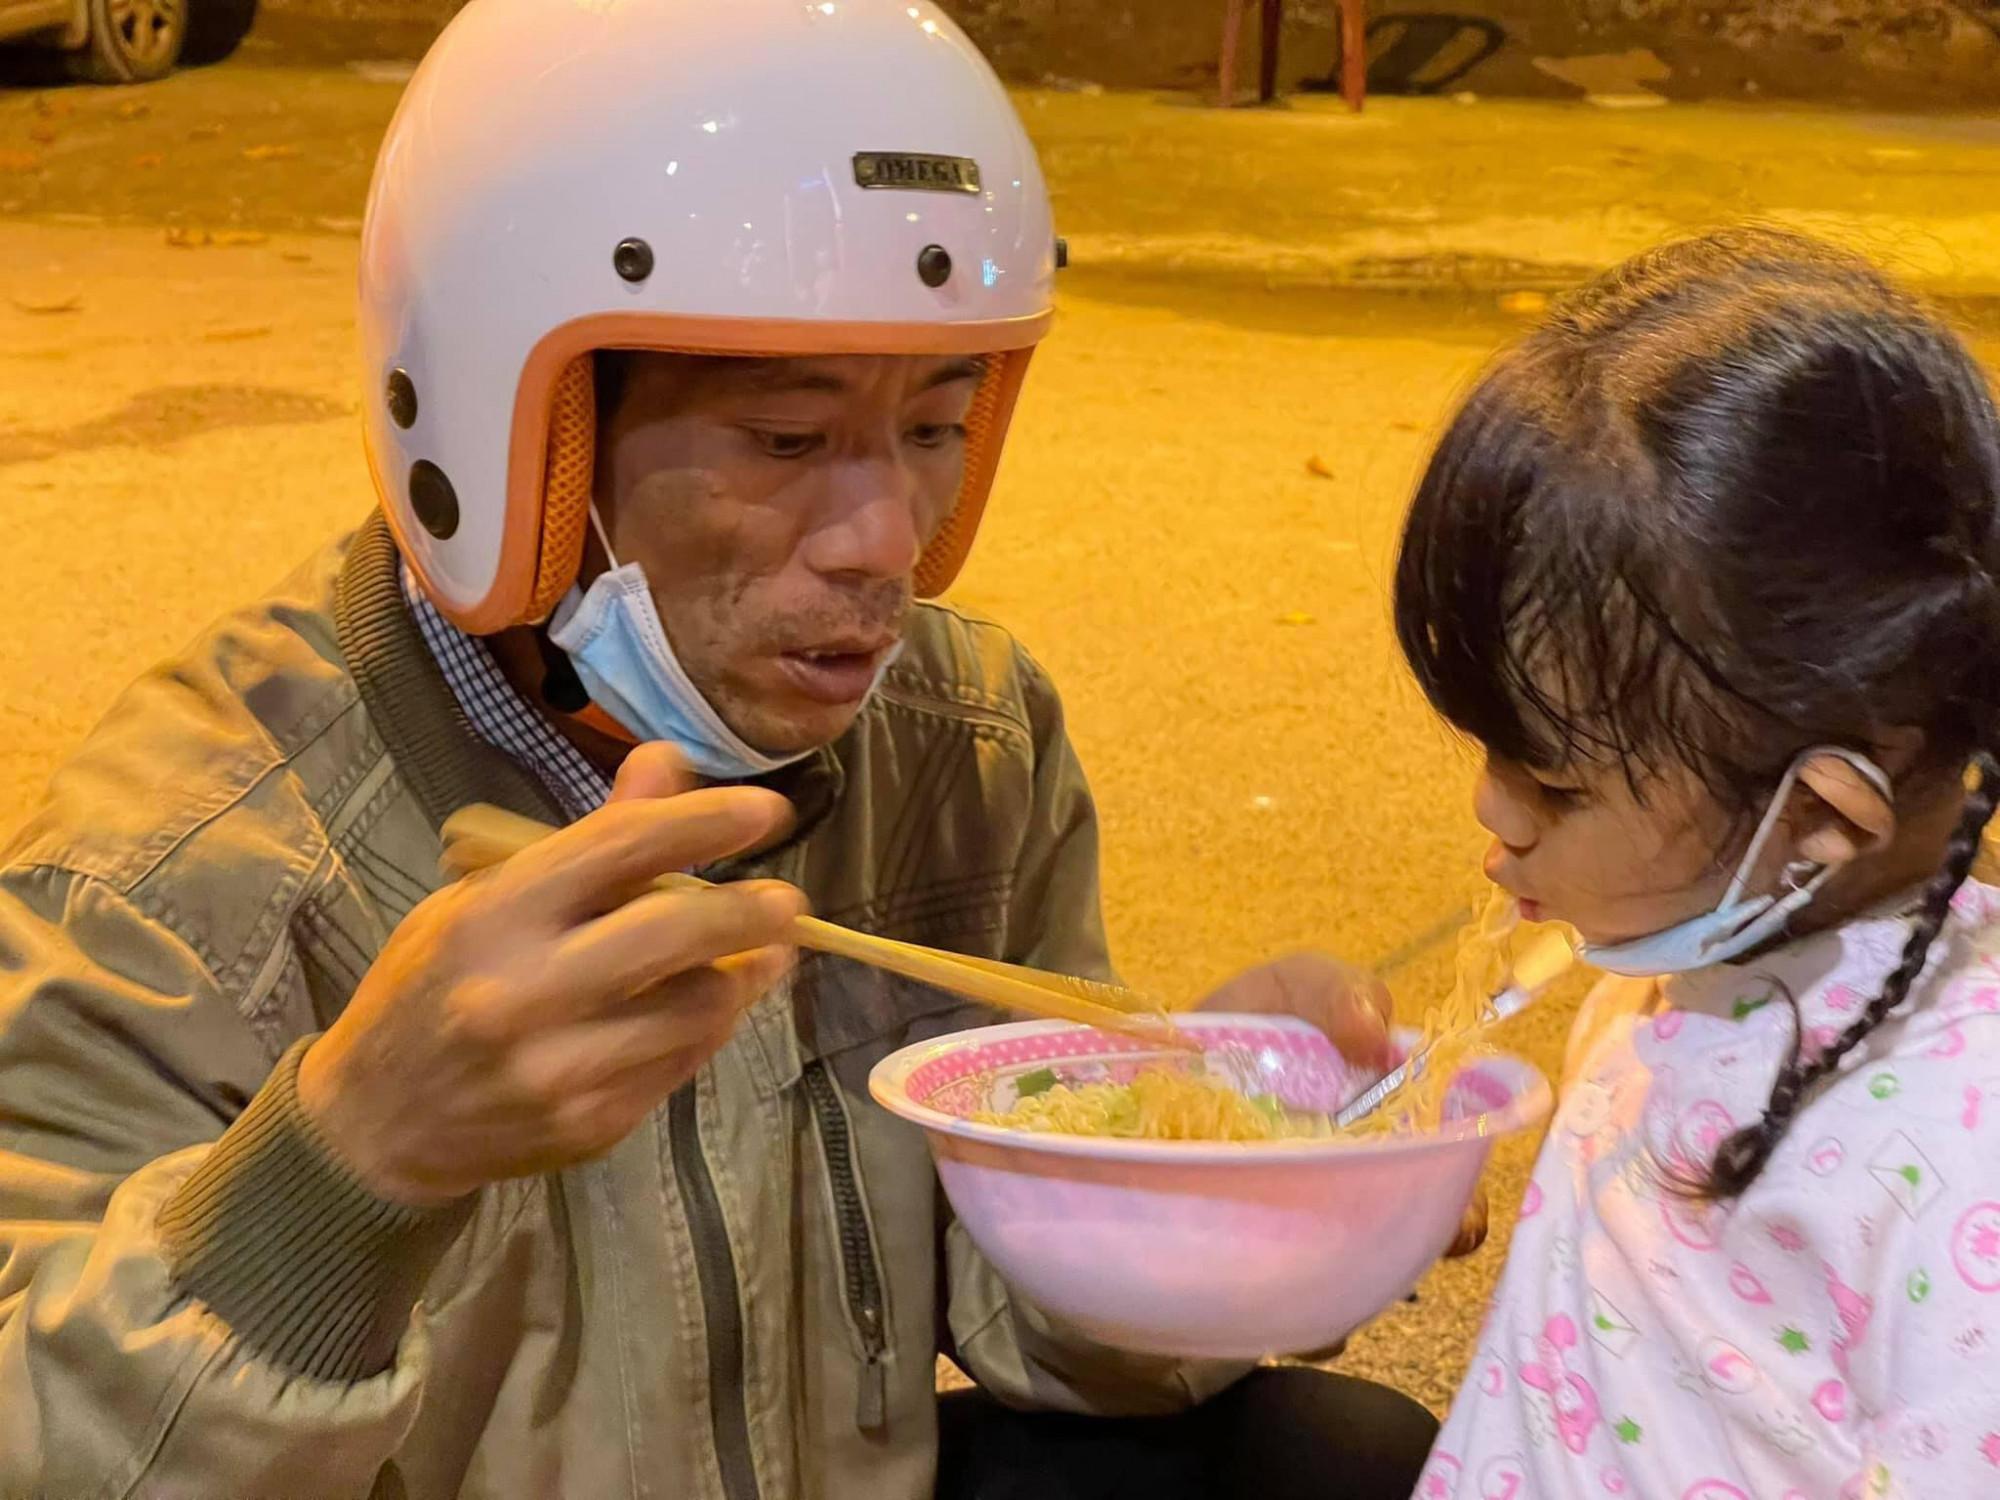 Có gia đình mang theo bình nước sôi để chế mì gói cho con ăn dọc đường